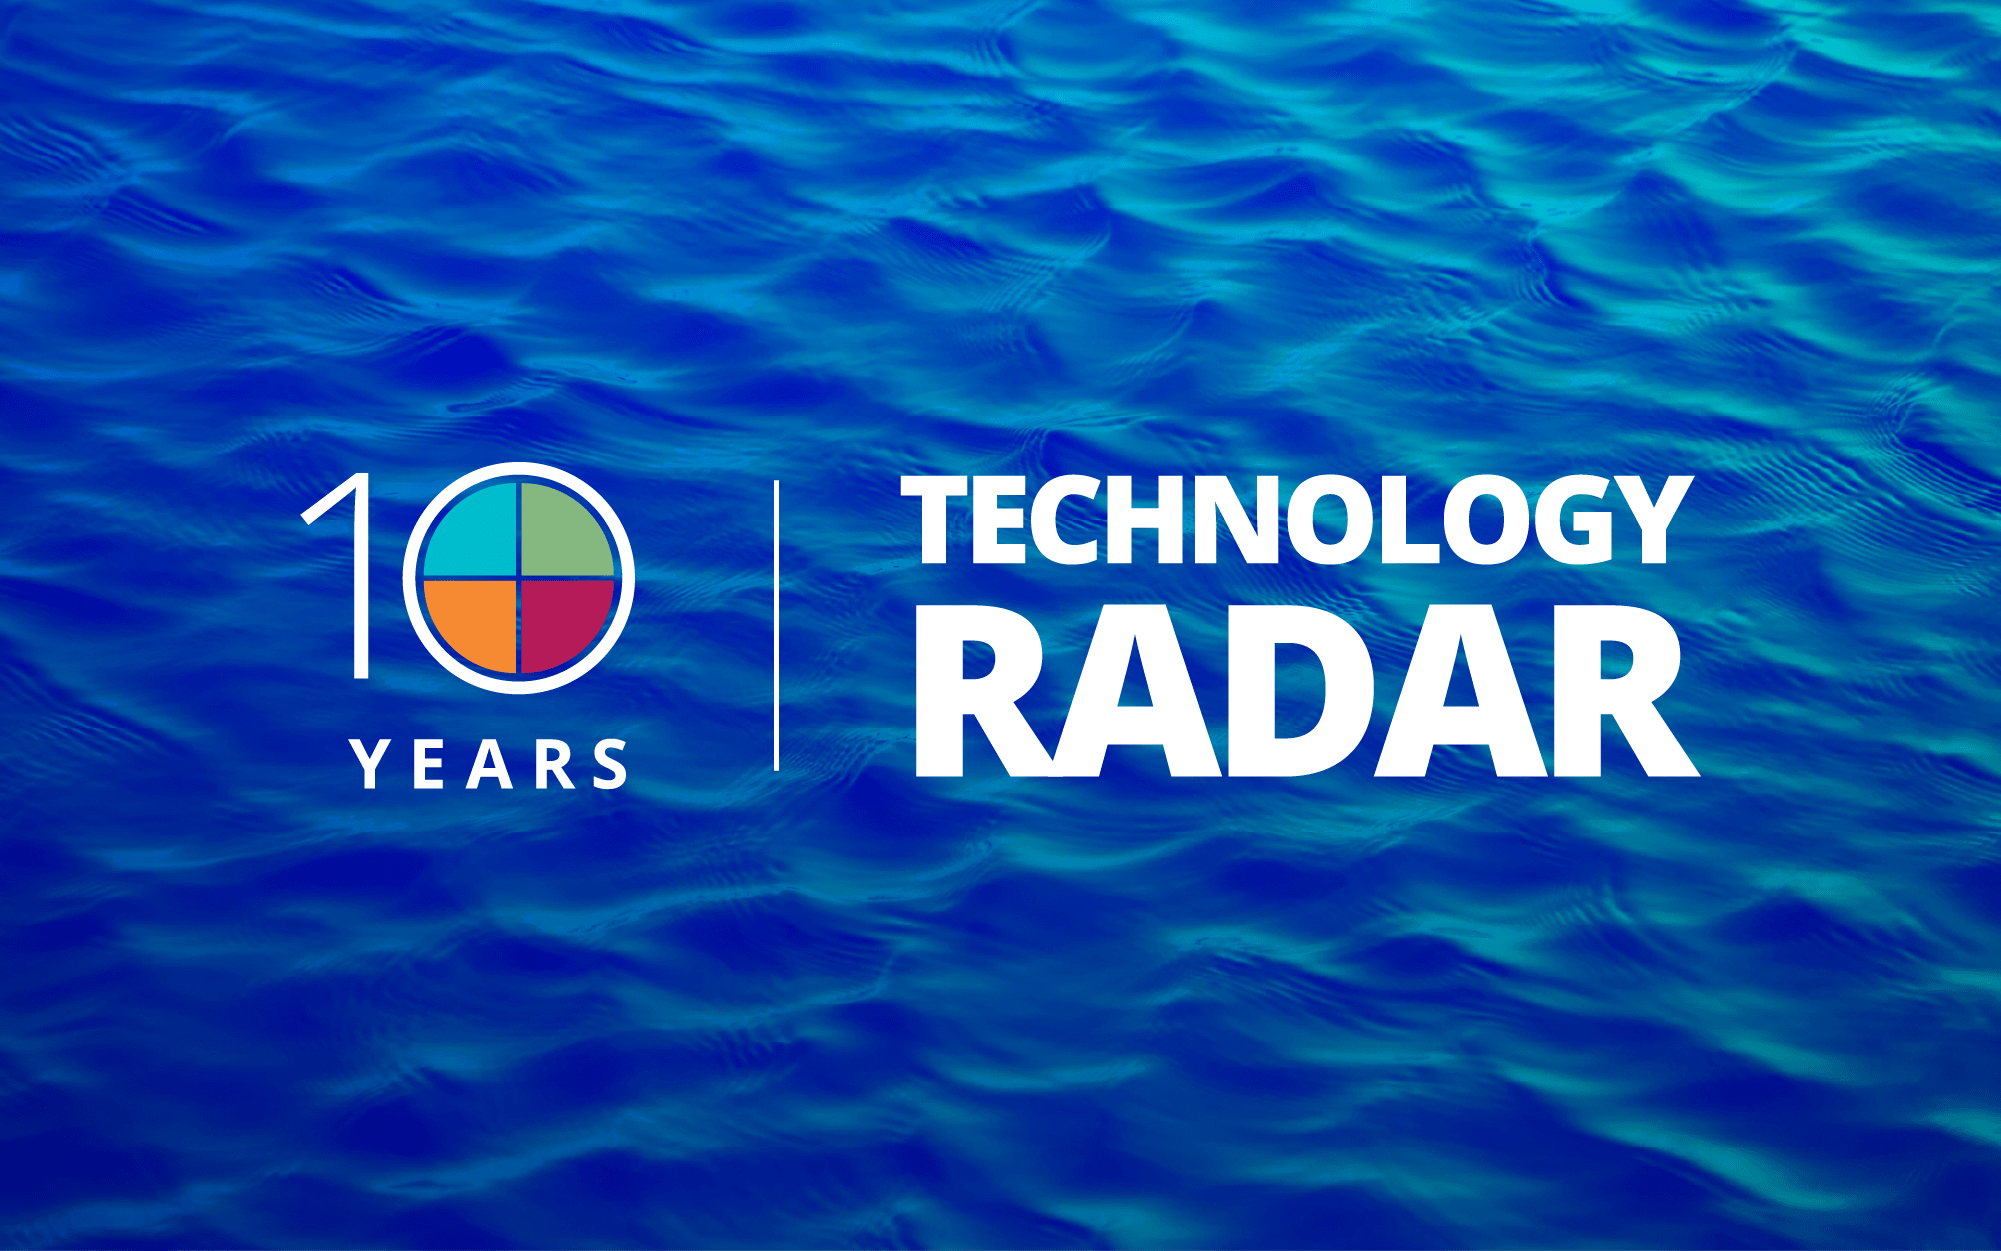 O Technology Radar da ThoughtWorks completa 10 anos!